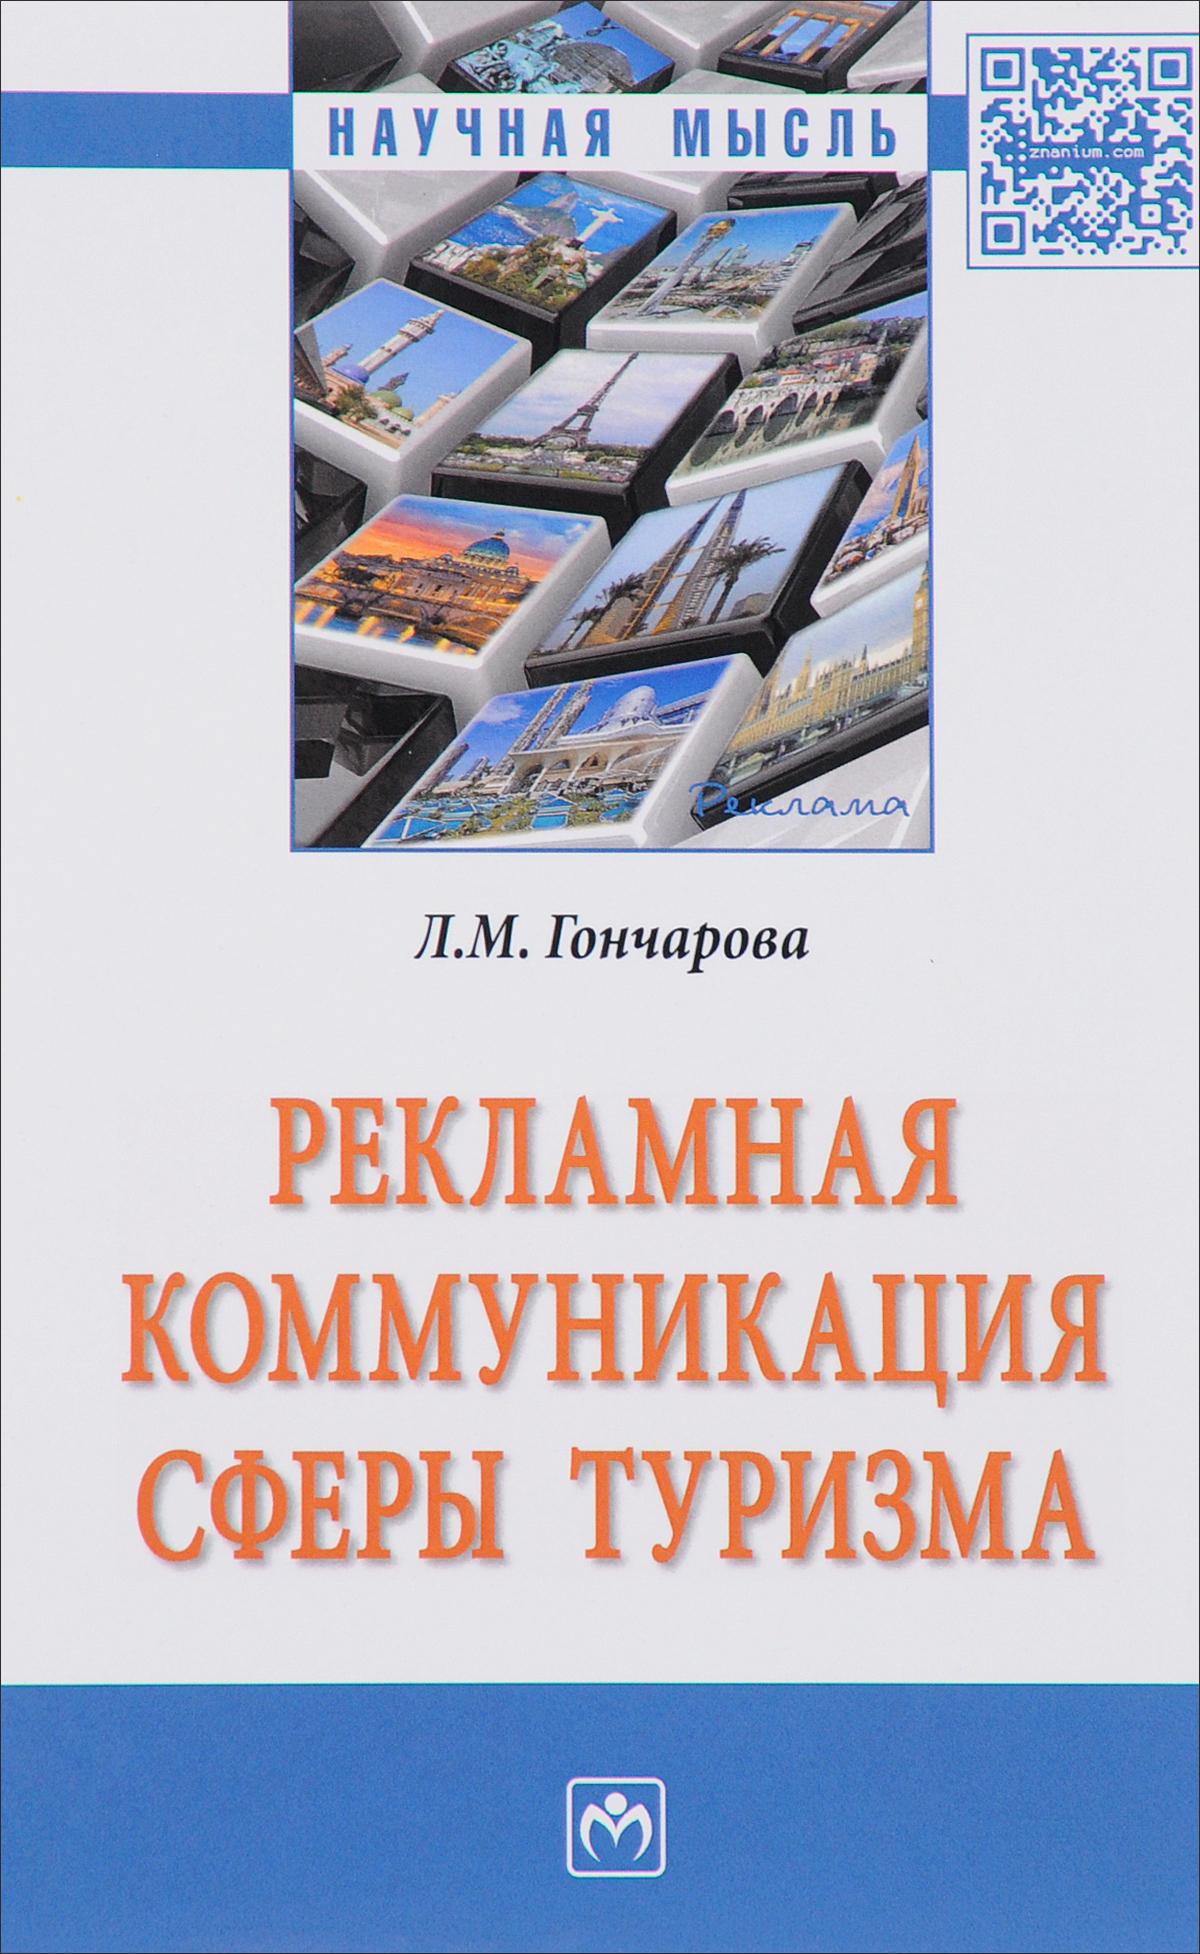 Рекламная коммуникация сферы туризма. Л. М. Гончарова